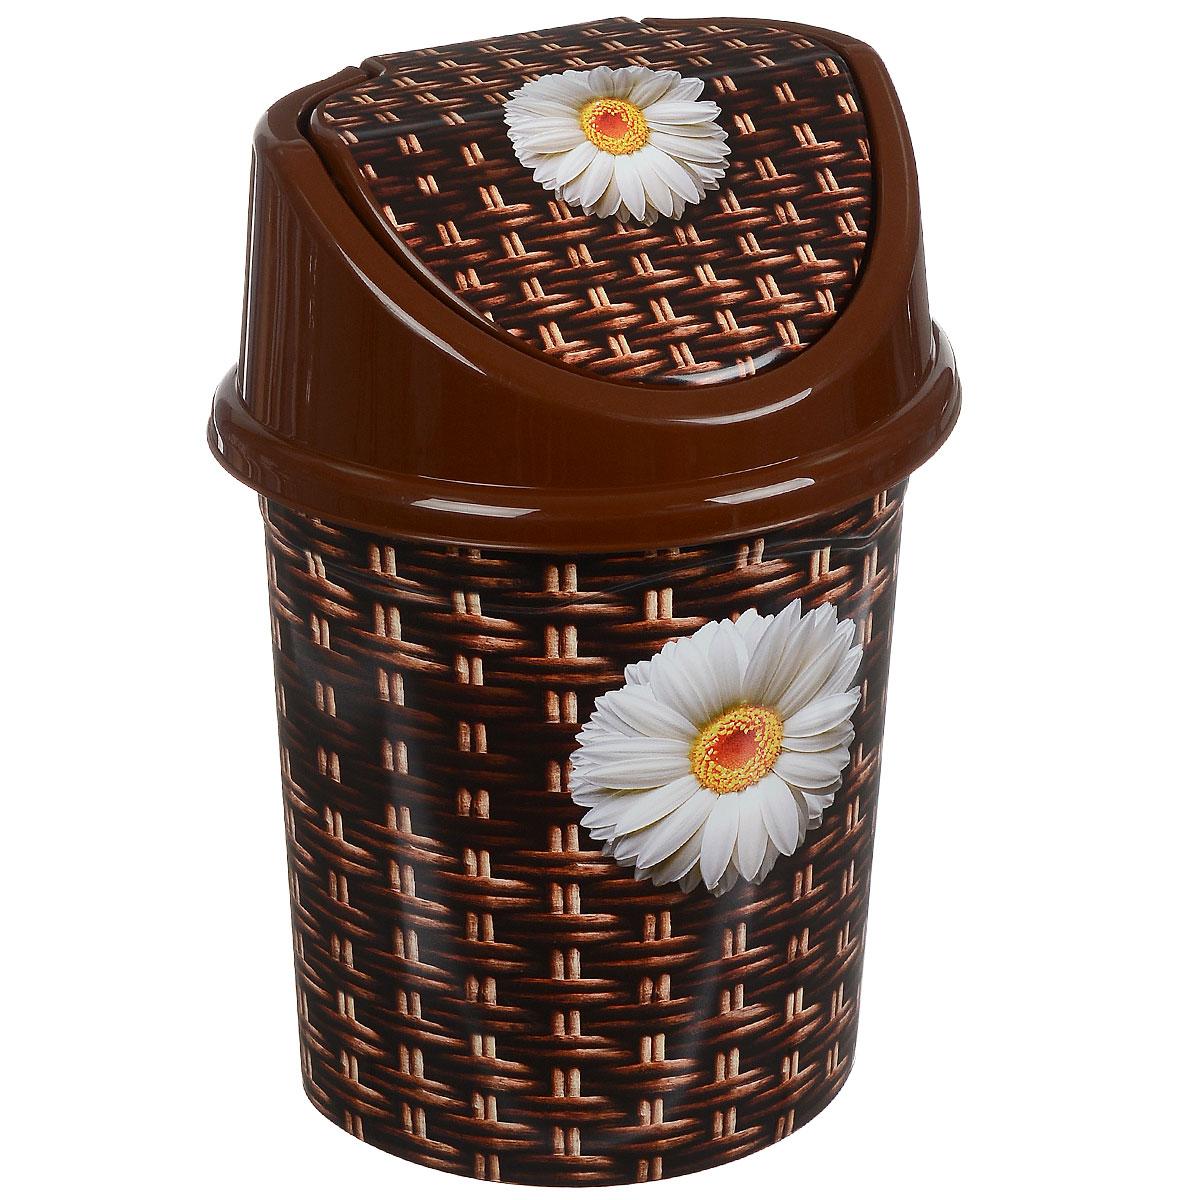 Контейнер для мусора Violet Плетенка, цвет: коричневый, белый, желтый, 8 л810382Контейнер для мусора Violet Плетенка выполнен из пластика и декорирован ярким рисунком. Такой аксессуар очень удобен в использовании, как дома, так и в офисе. Оснащен крышкой с подвижной перегородкой.Размер контейнера (без учета крышки): 25 см х 20 см х 26 см.